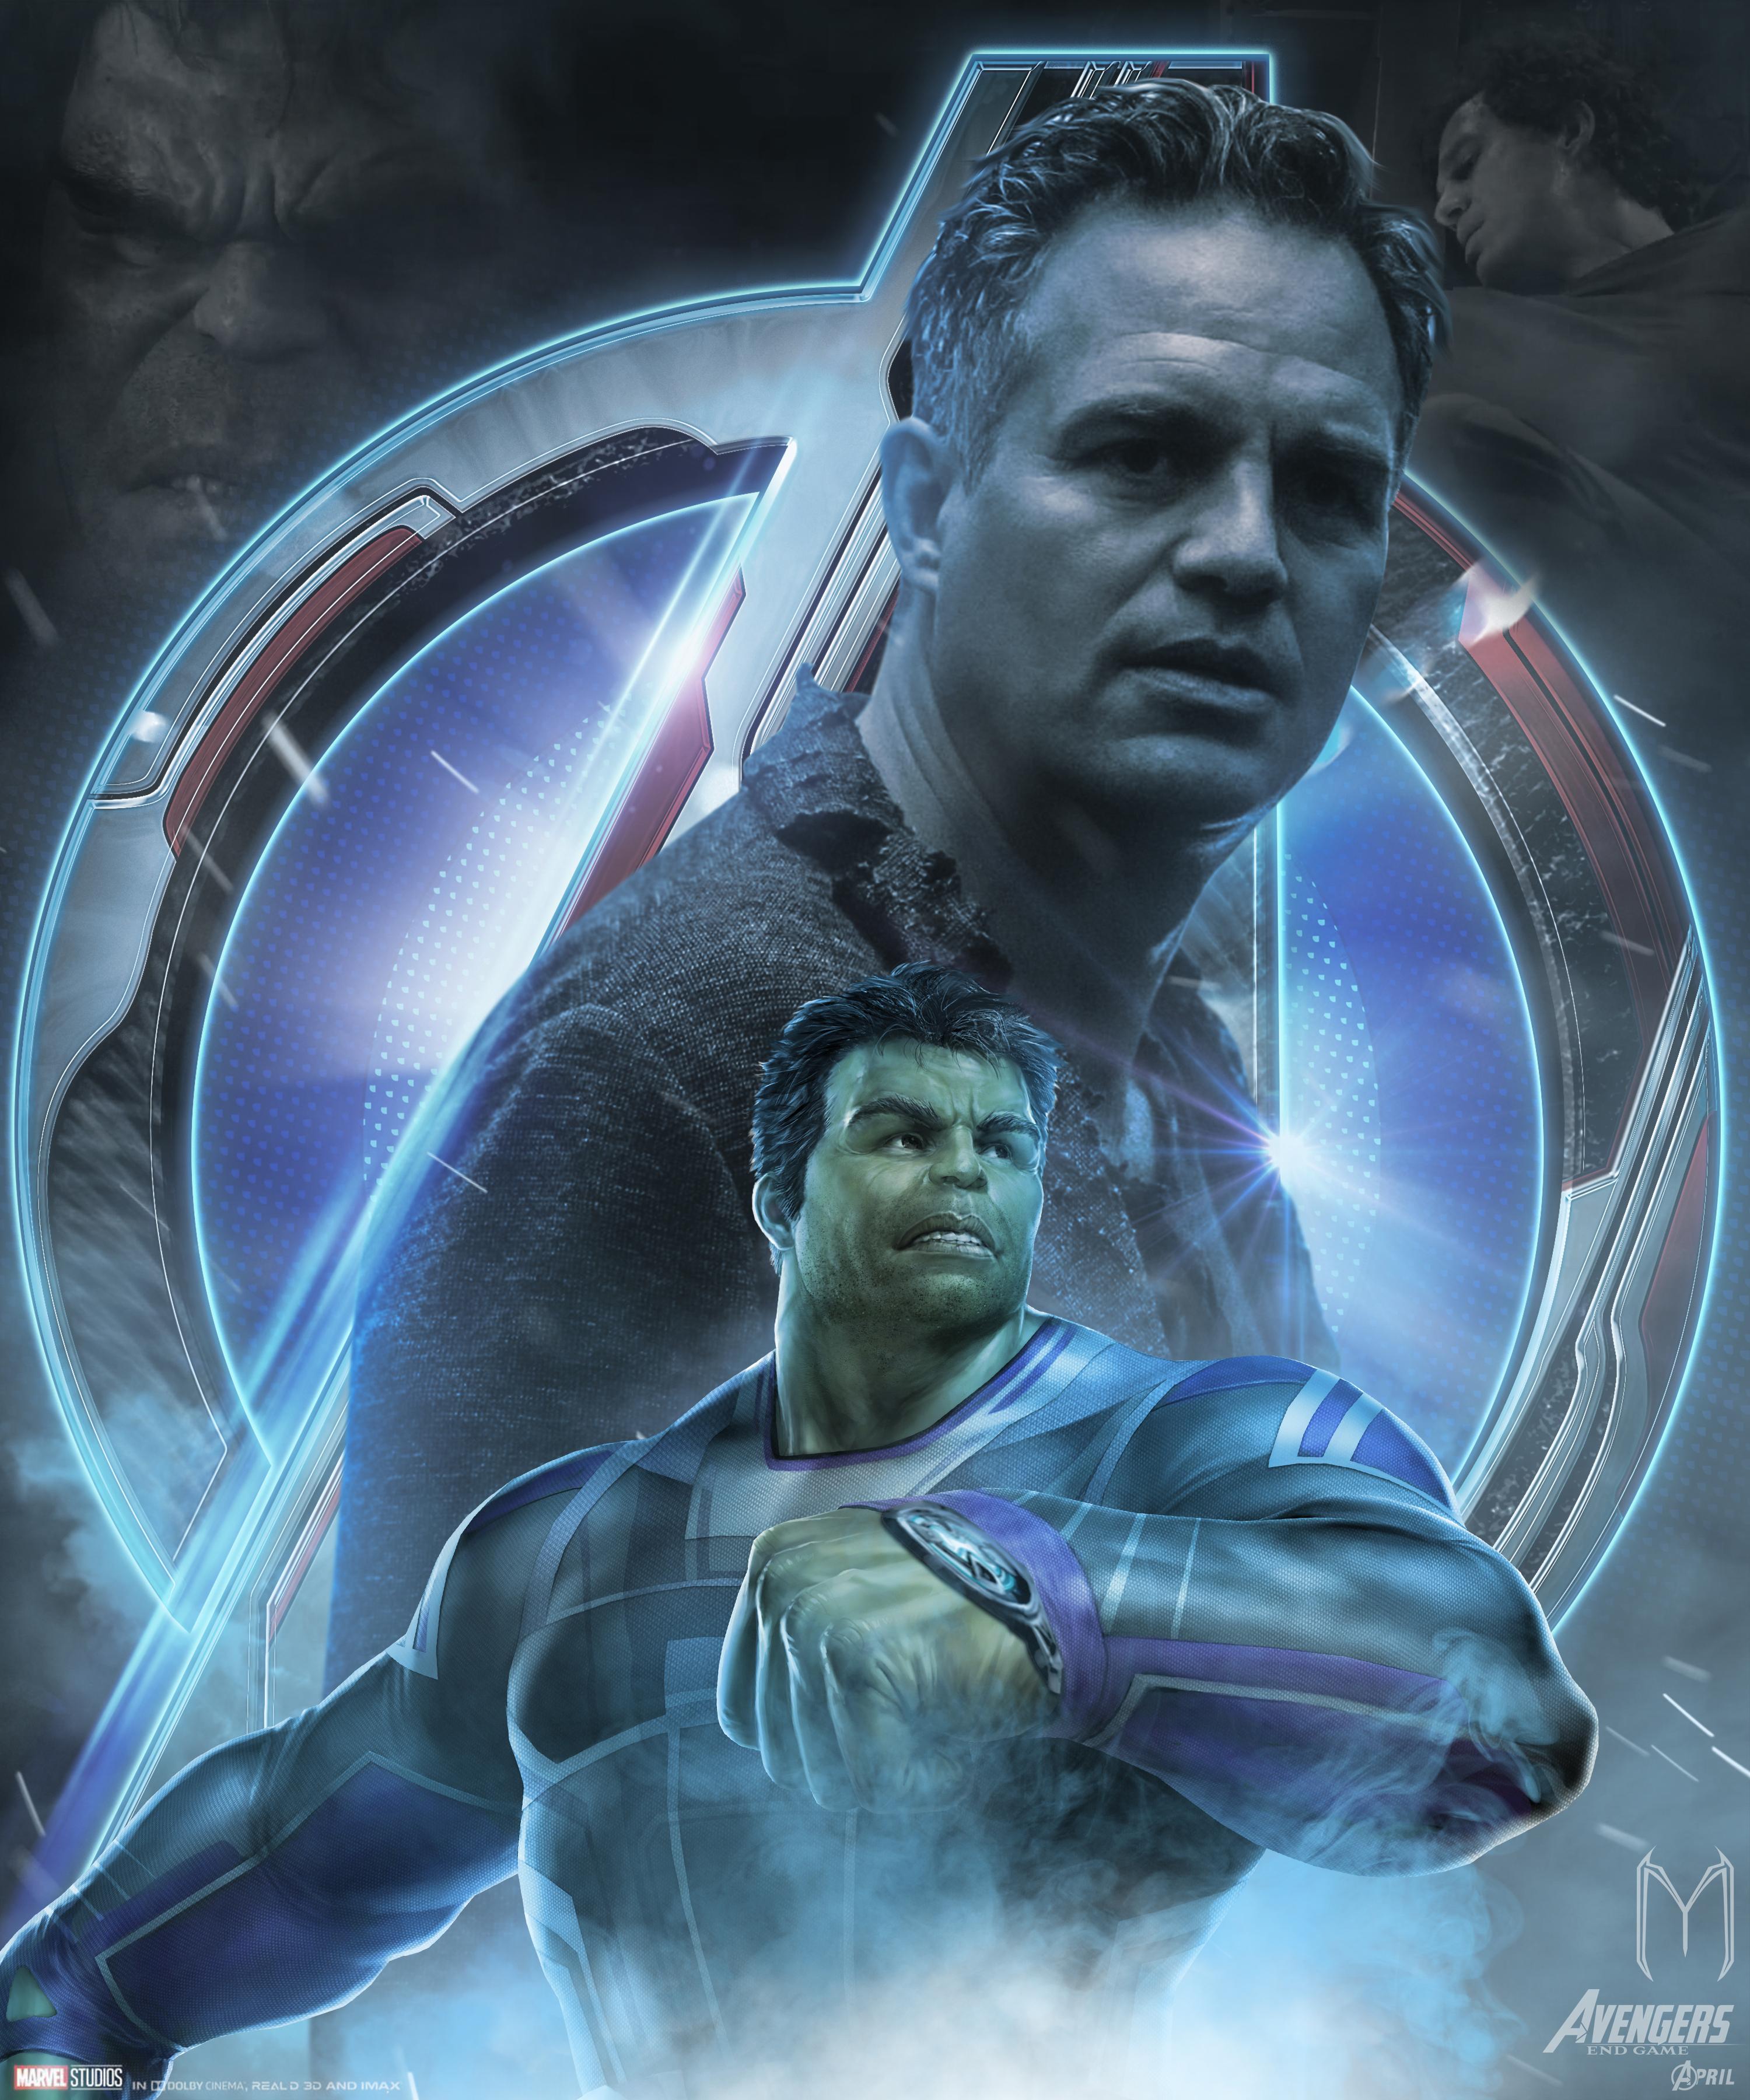 Avengers Endgame Hulk Poster Art Wallpaper, HD Movies 4K